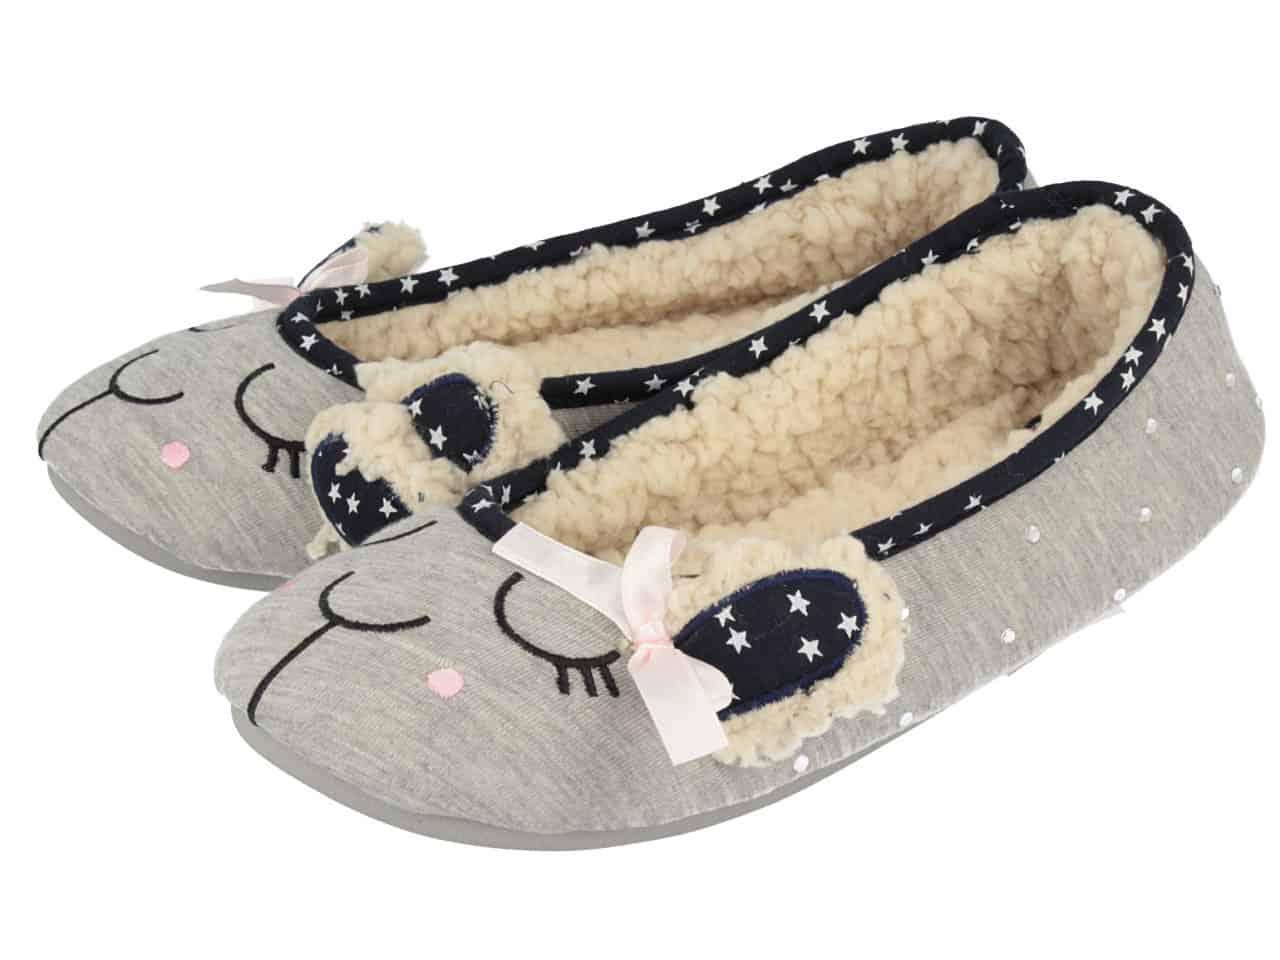 Counting Sheep, le pantofole firmate Gioseppo ideali per un magico Natale in casa!